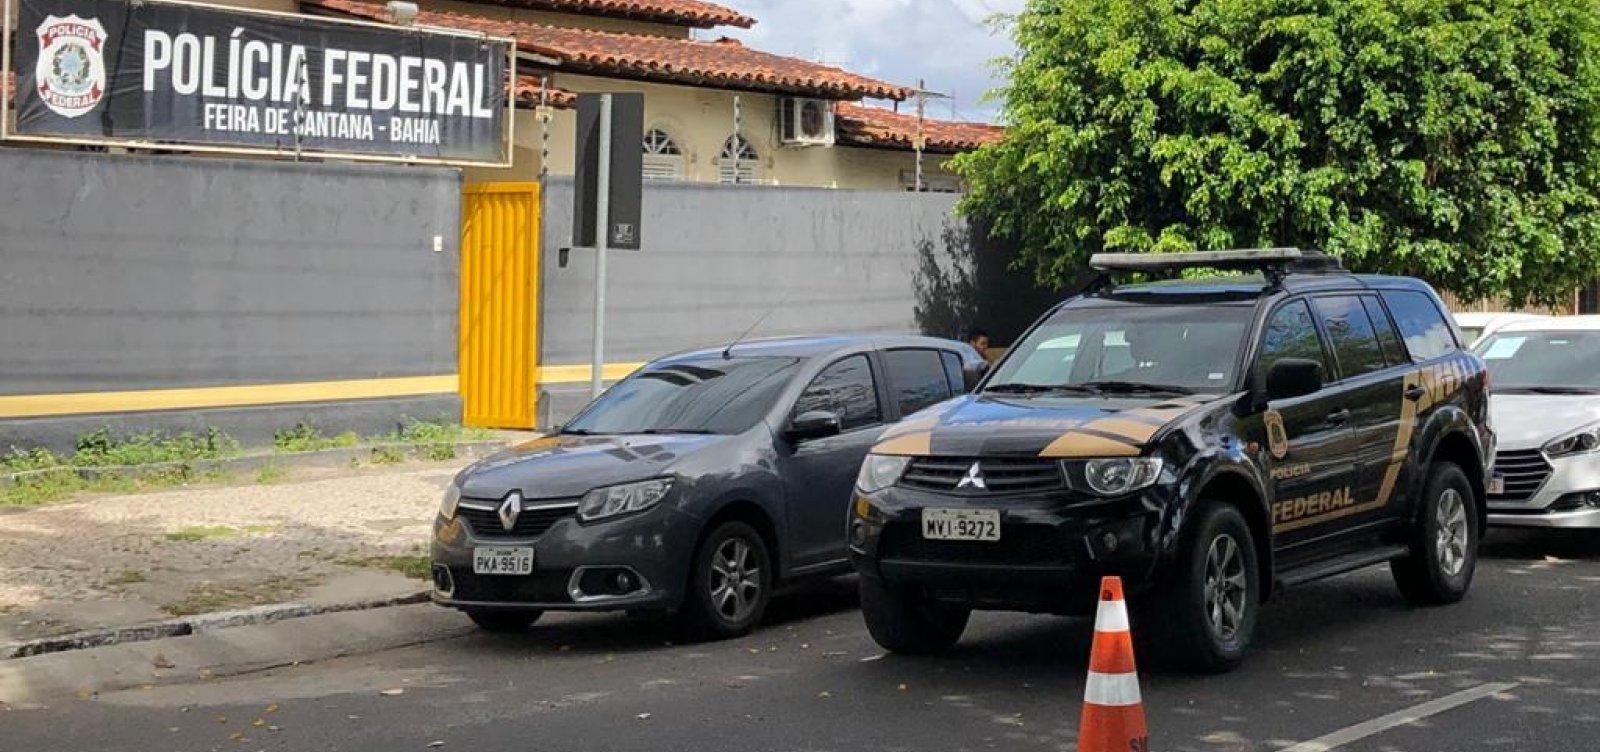 PF desarticula quadrilha especializada em fraudes contra bancos em Feira de Santana